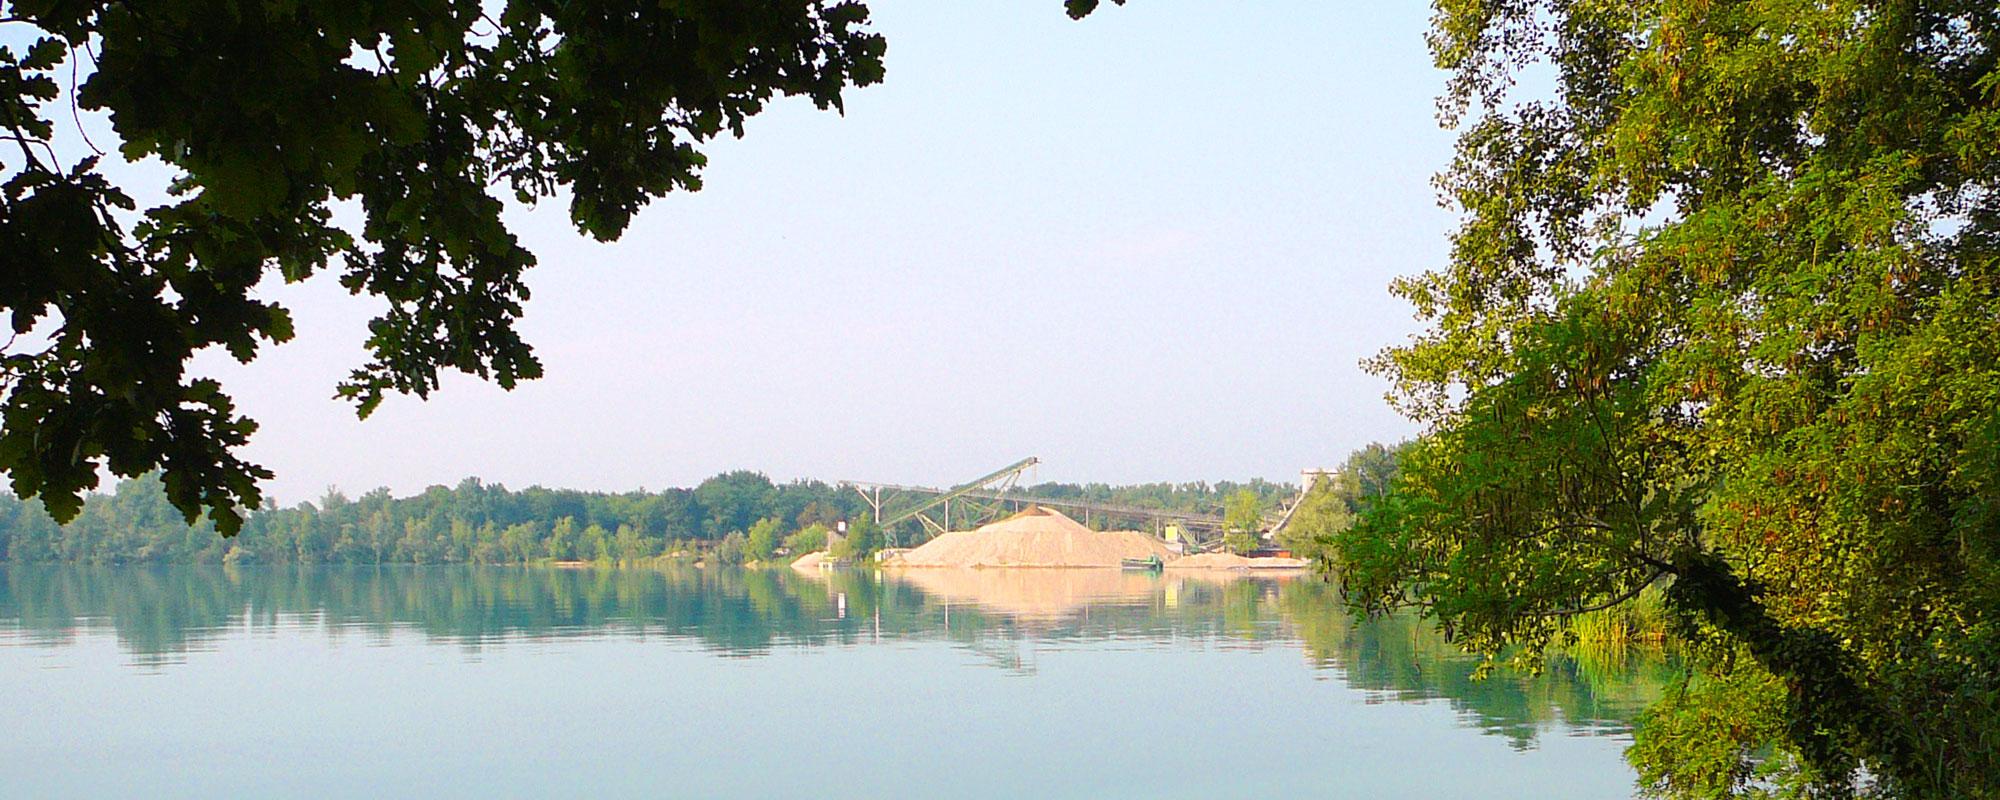 Hydrologie – Baggersee